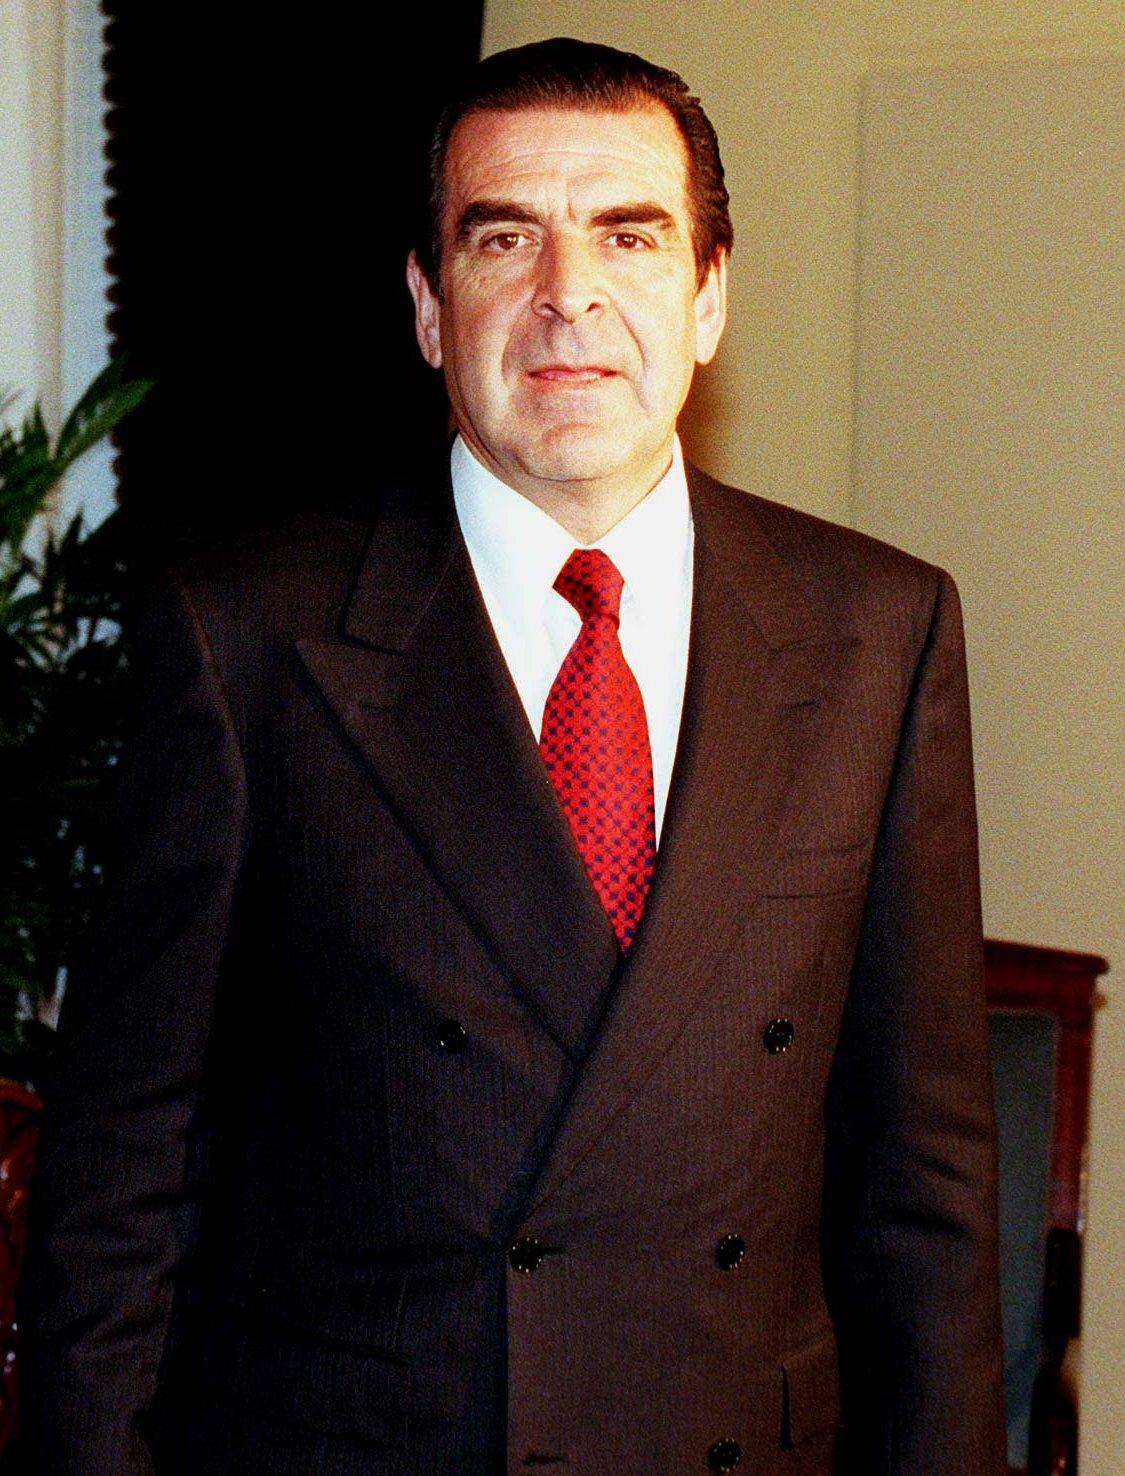 Veja o que saiu no Migalhas sobre Eduardo Frei Ruiz-Tagle